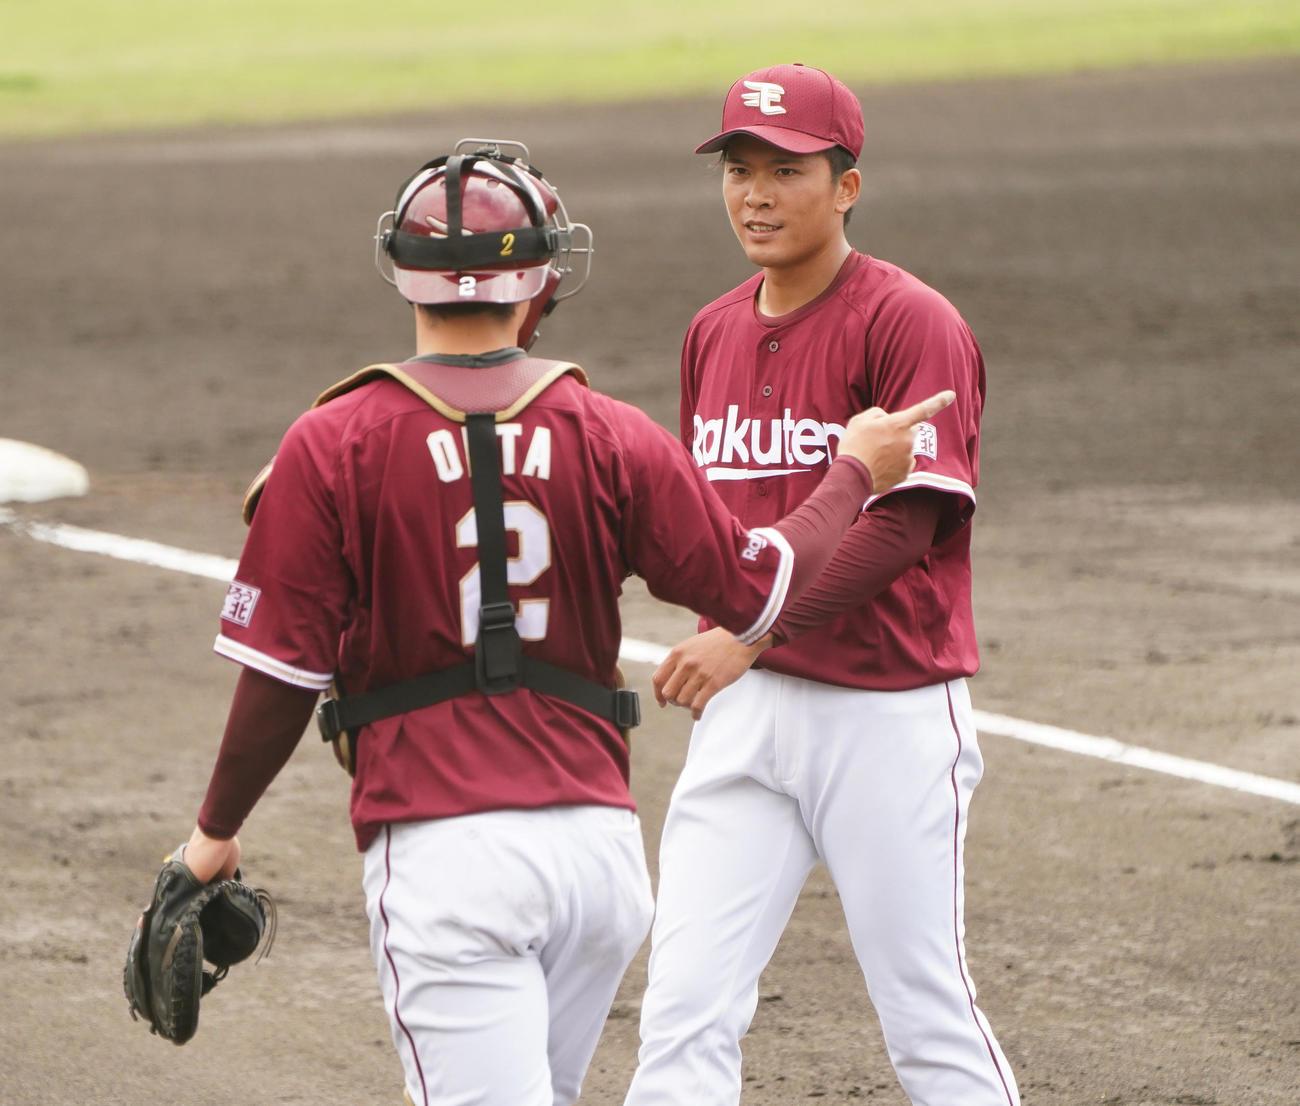 中日との練習試合に先発し、初回の投球を終えた楽天早川は、捕手太田(左)と話しながらベンチに戻る(撮影・菅敏)